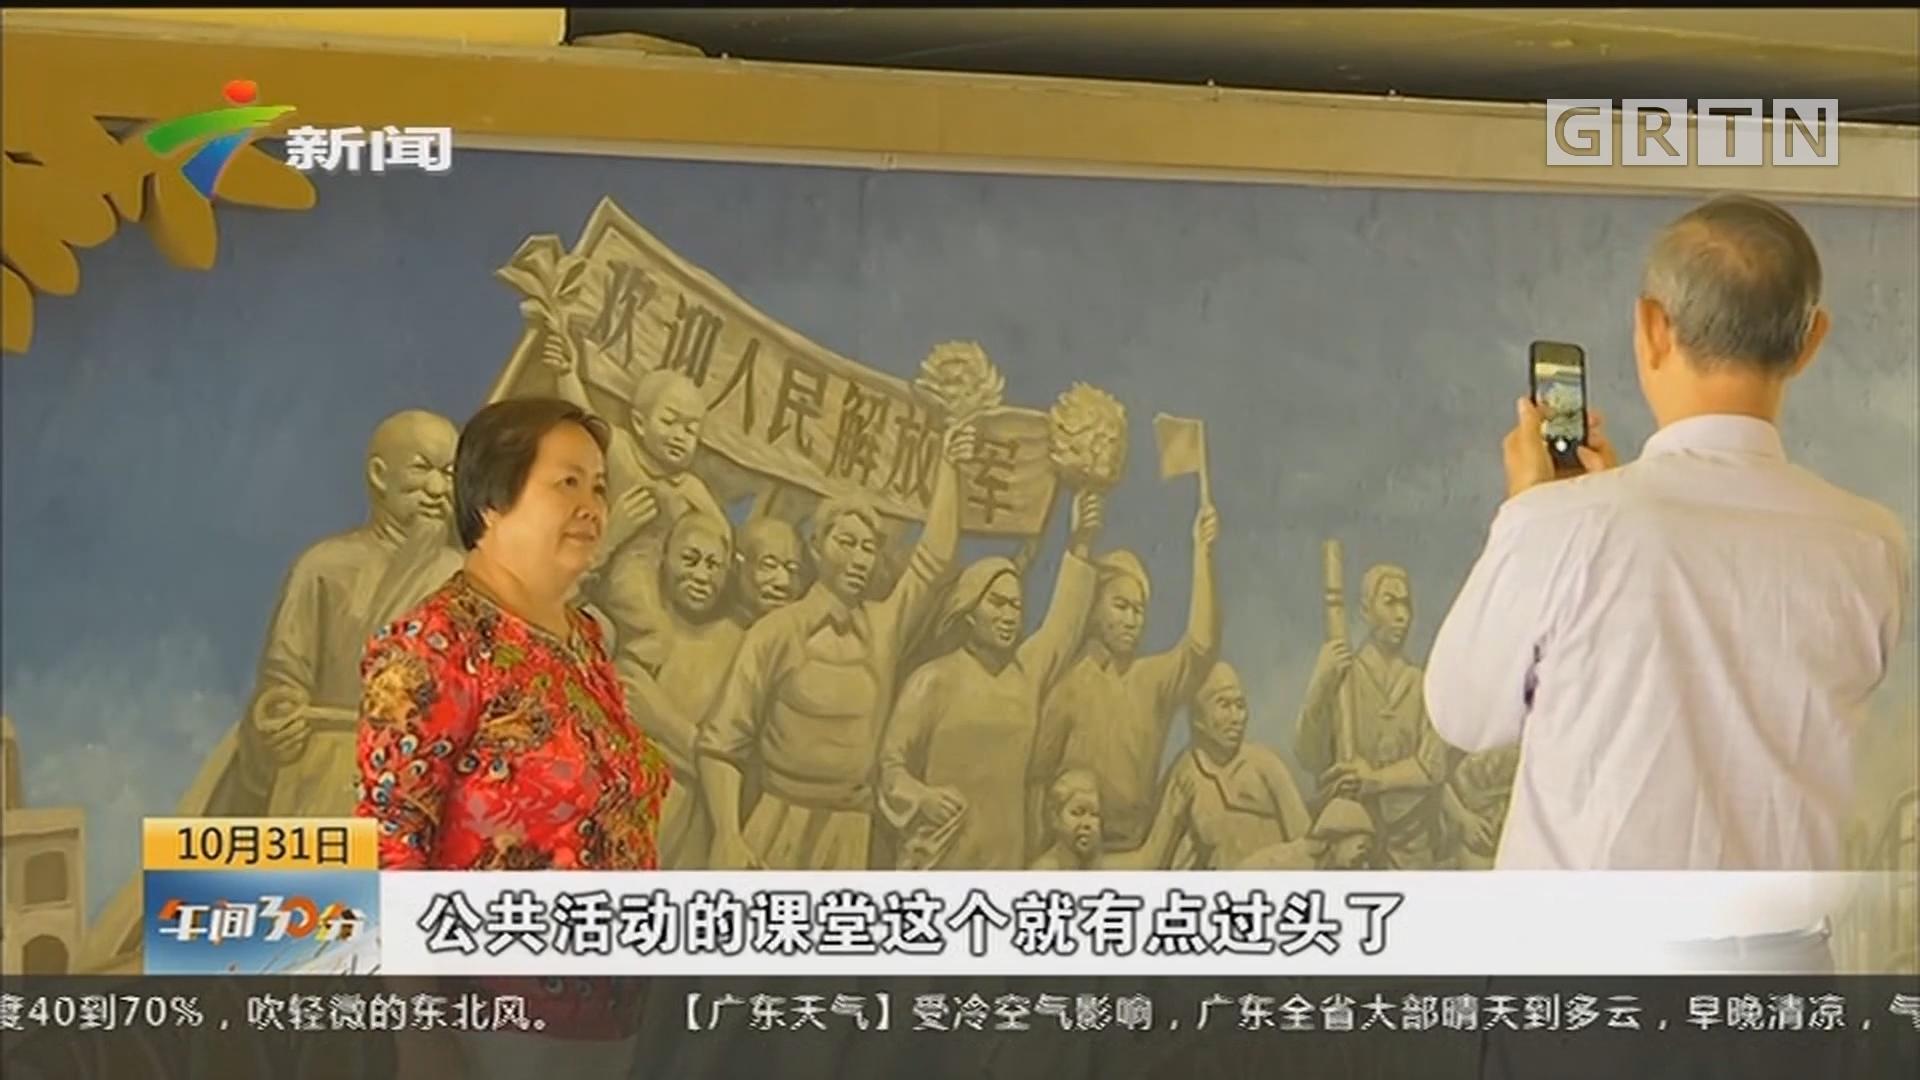 广州:海珠桥底微改造 多福文化墙精彩亮相